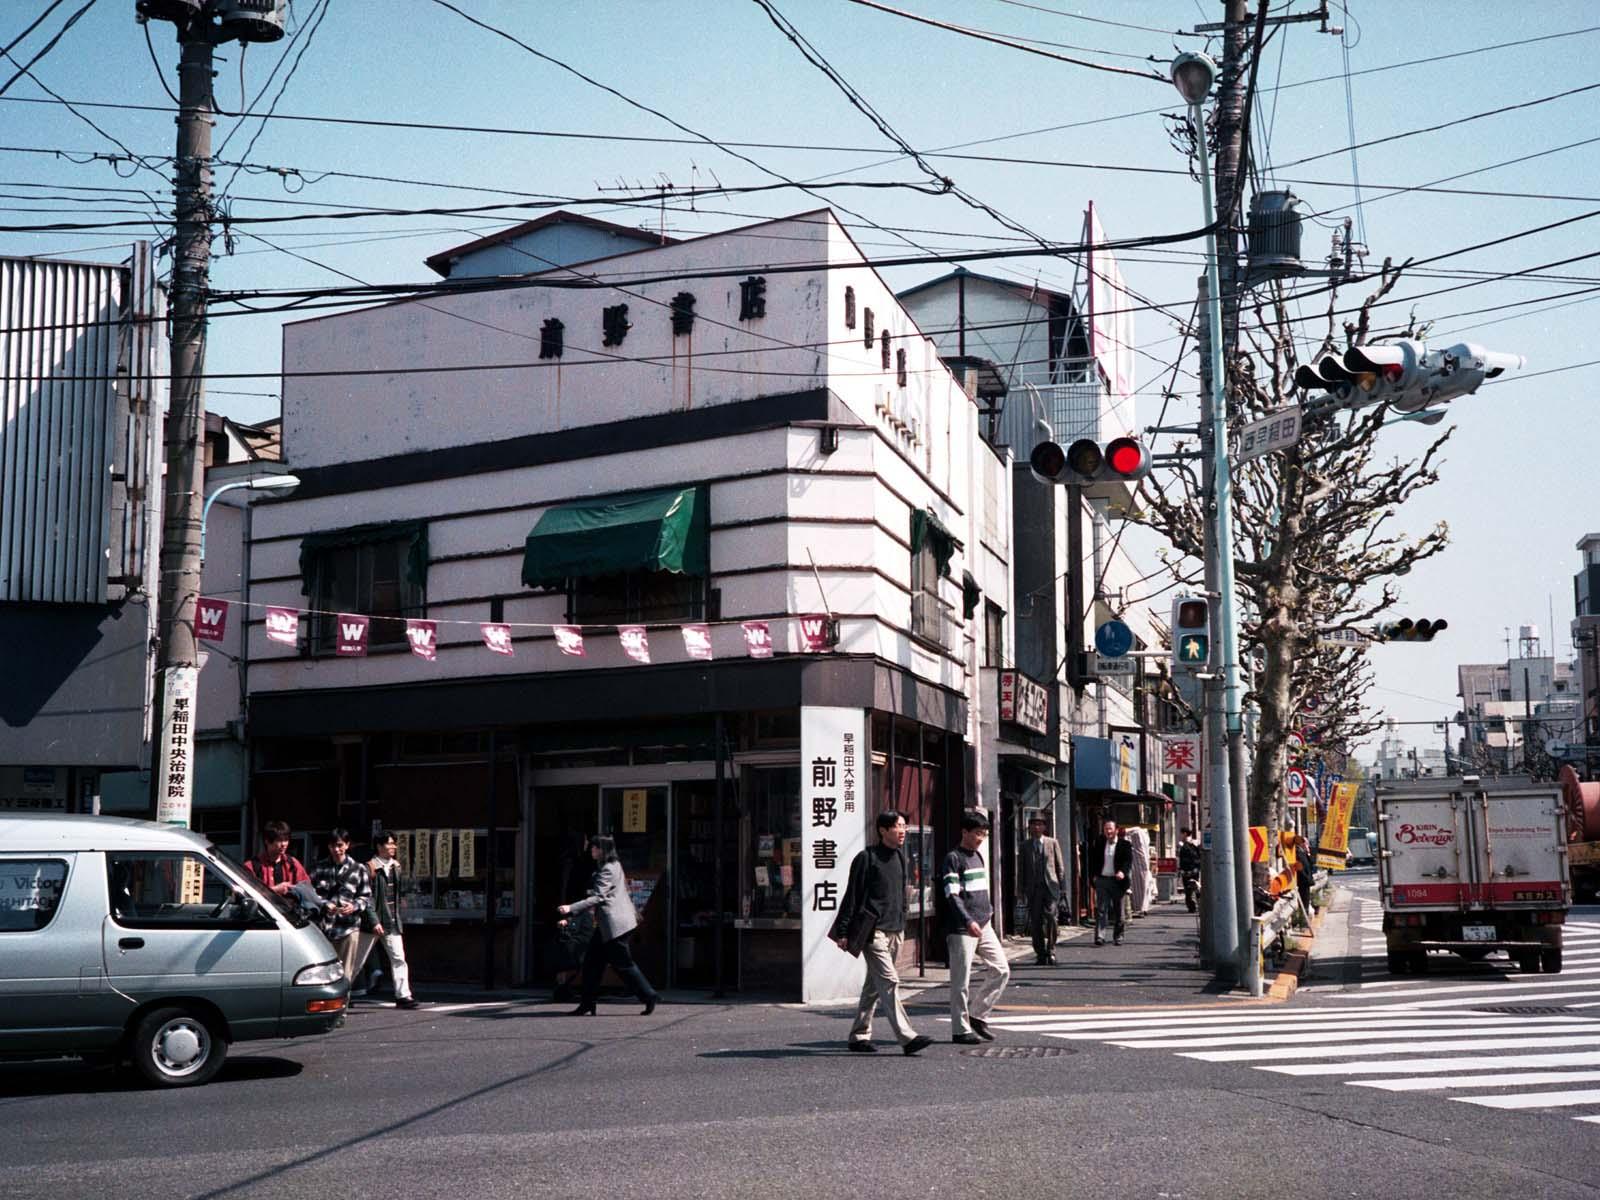 054_1 前野書店 新宿区西早稲田1-4-16 19960423(96.04.00a)